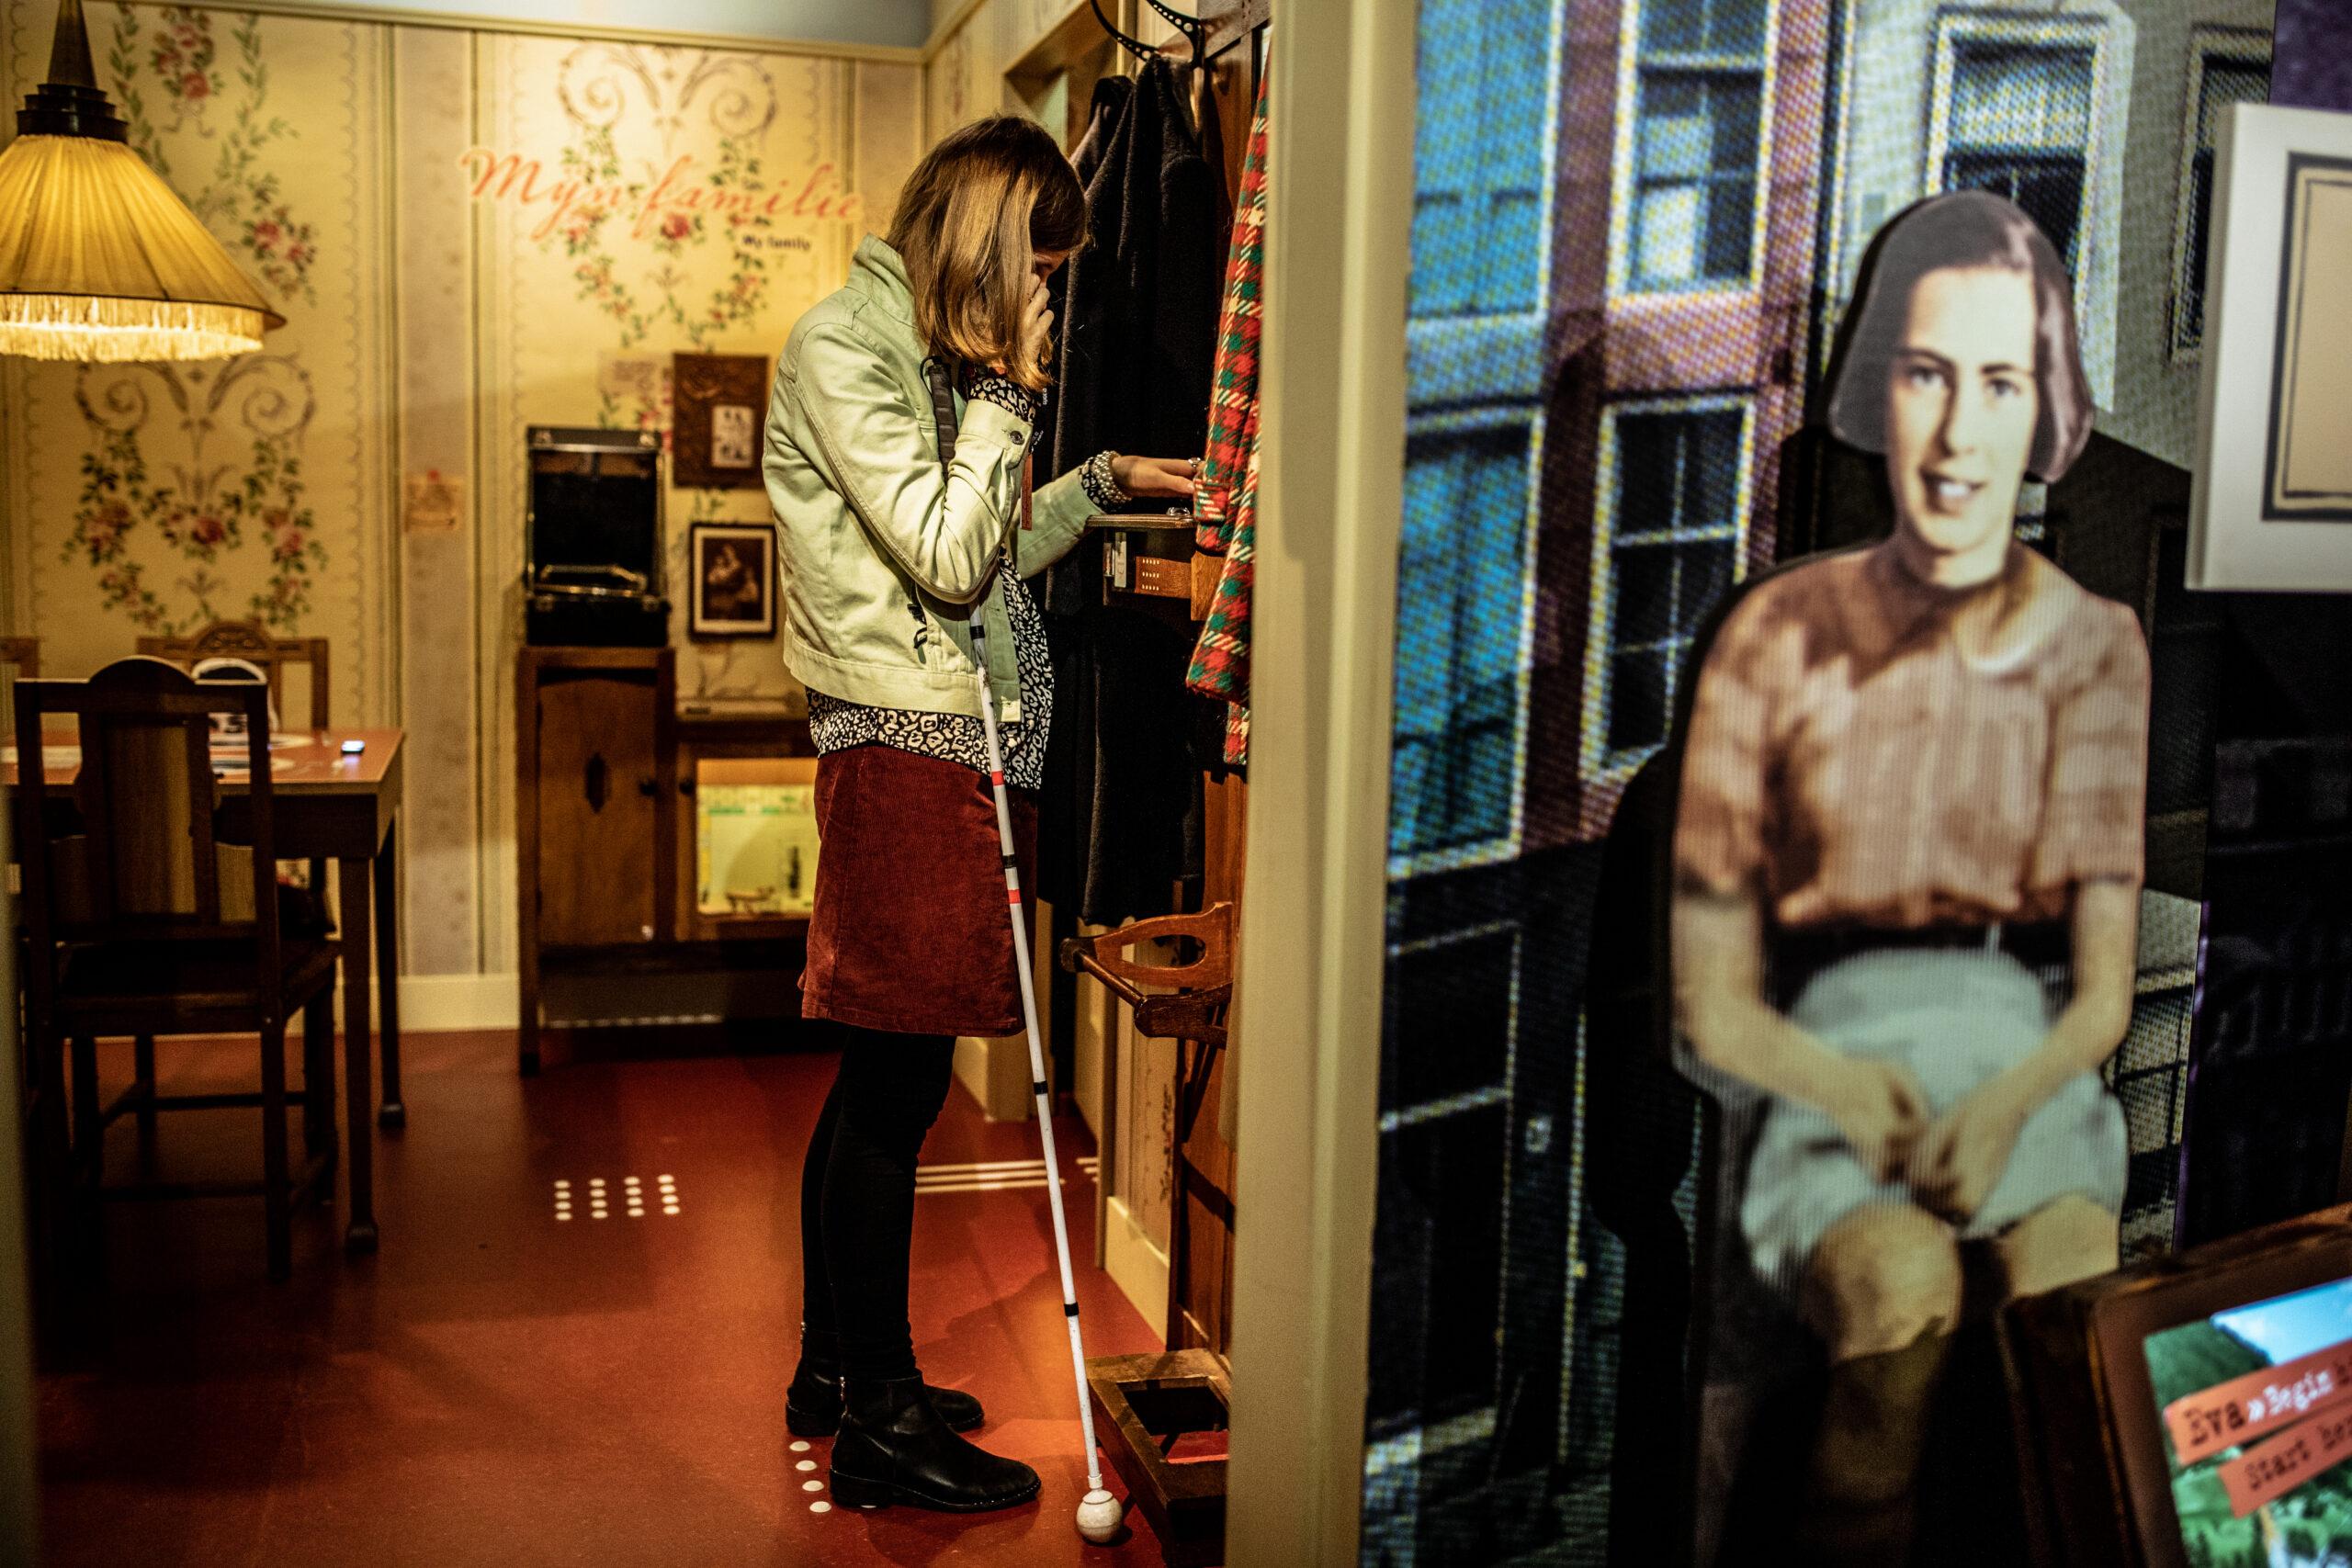 Een meisje staat op een markeringsvlak in de tentoonstelling van het Verzetsmuseum. Zij houdt een podcather aan haar oor waarmee ze naar een beeldbeschrijving luistert. Haar geleide stok rust tegen aan zij.